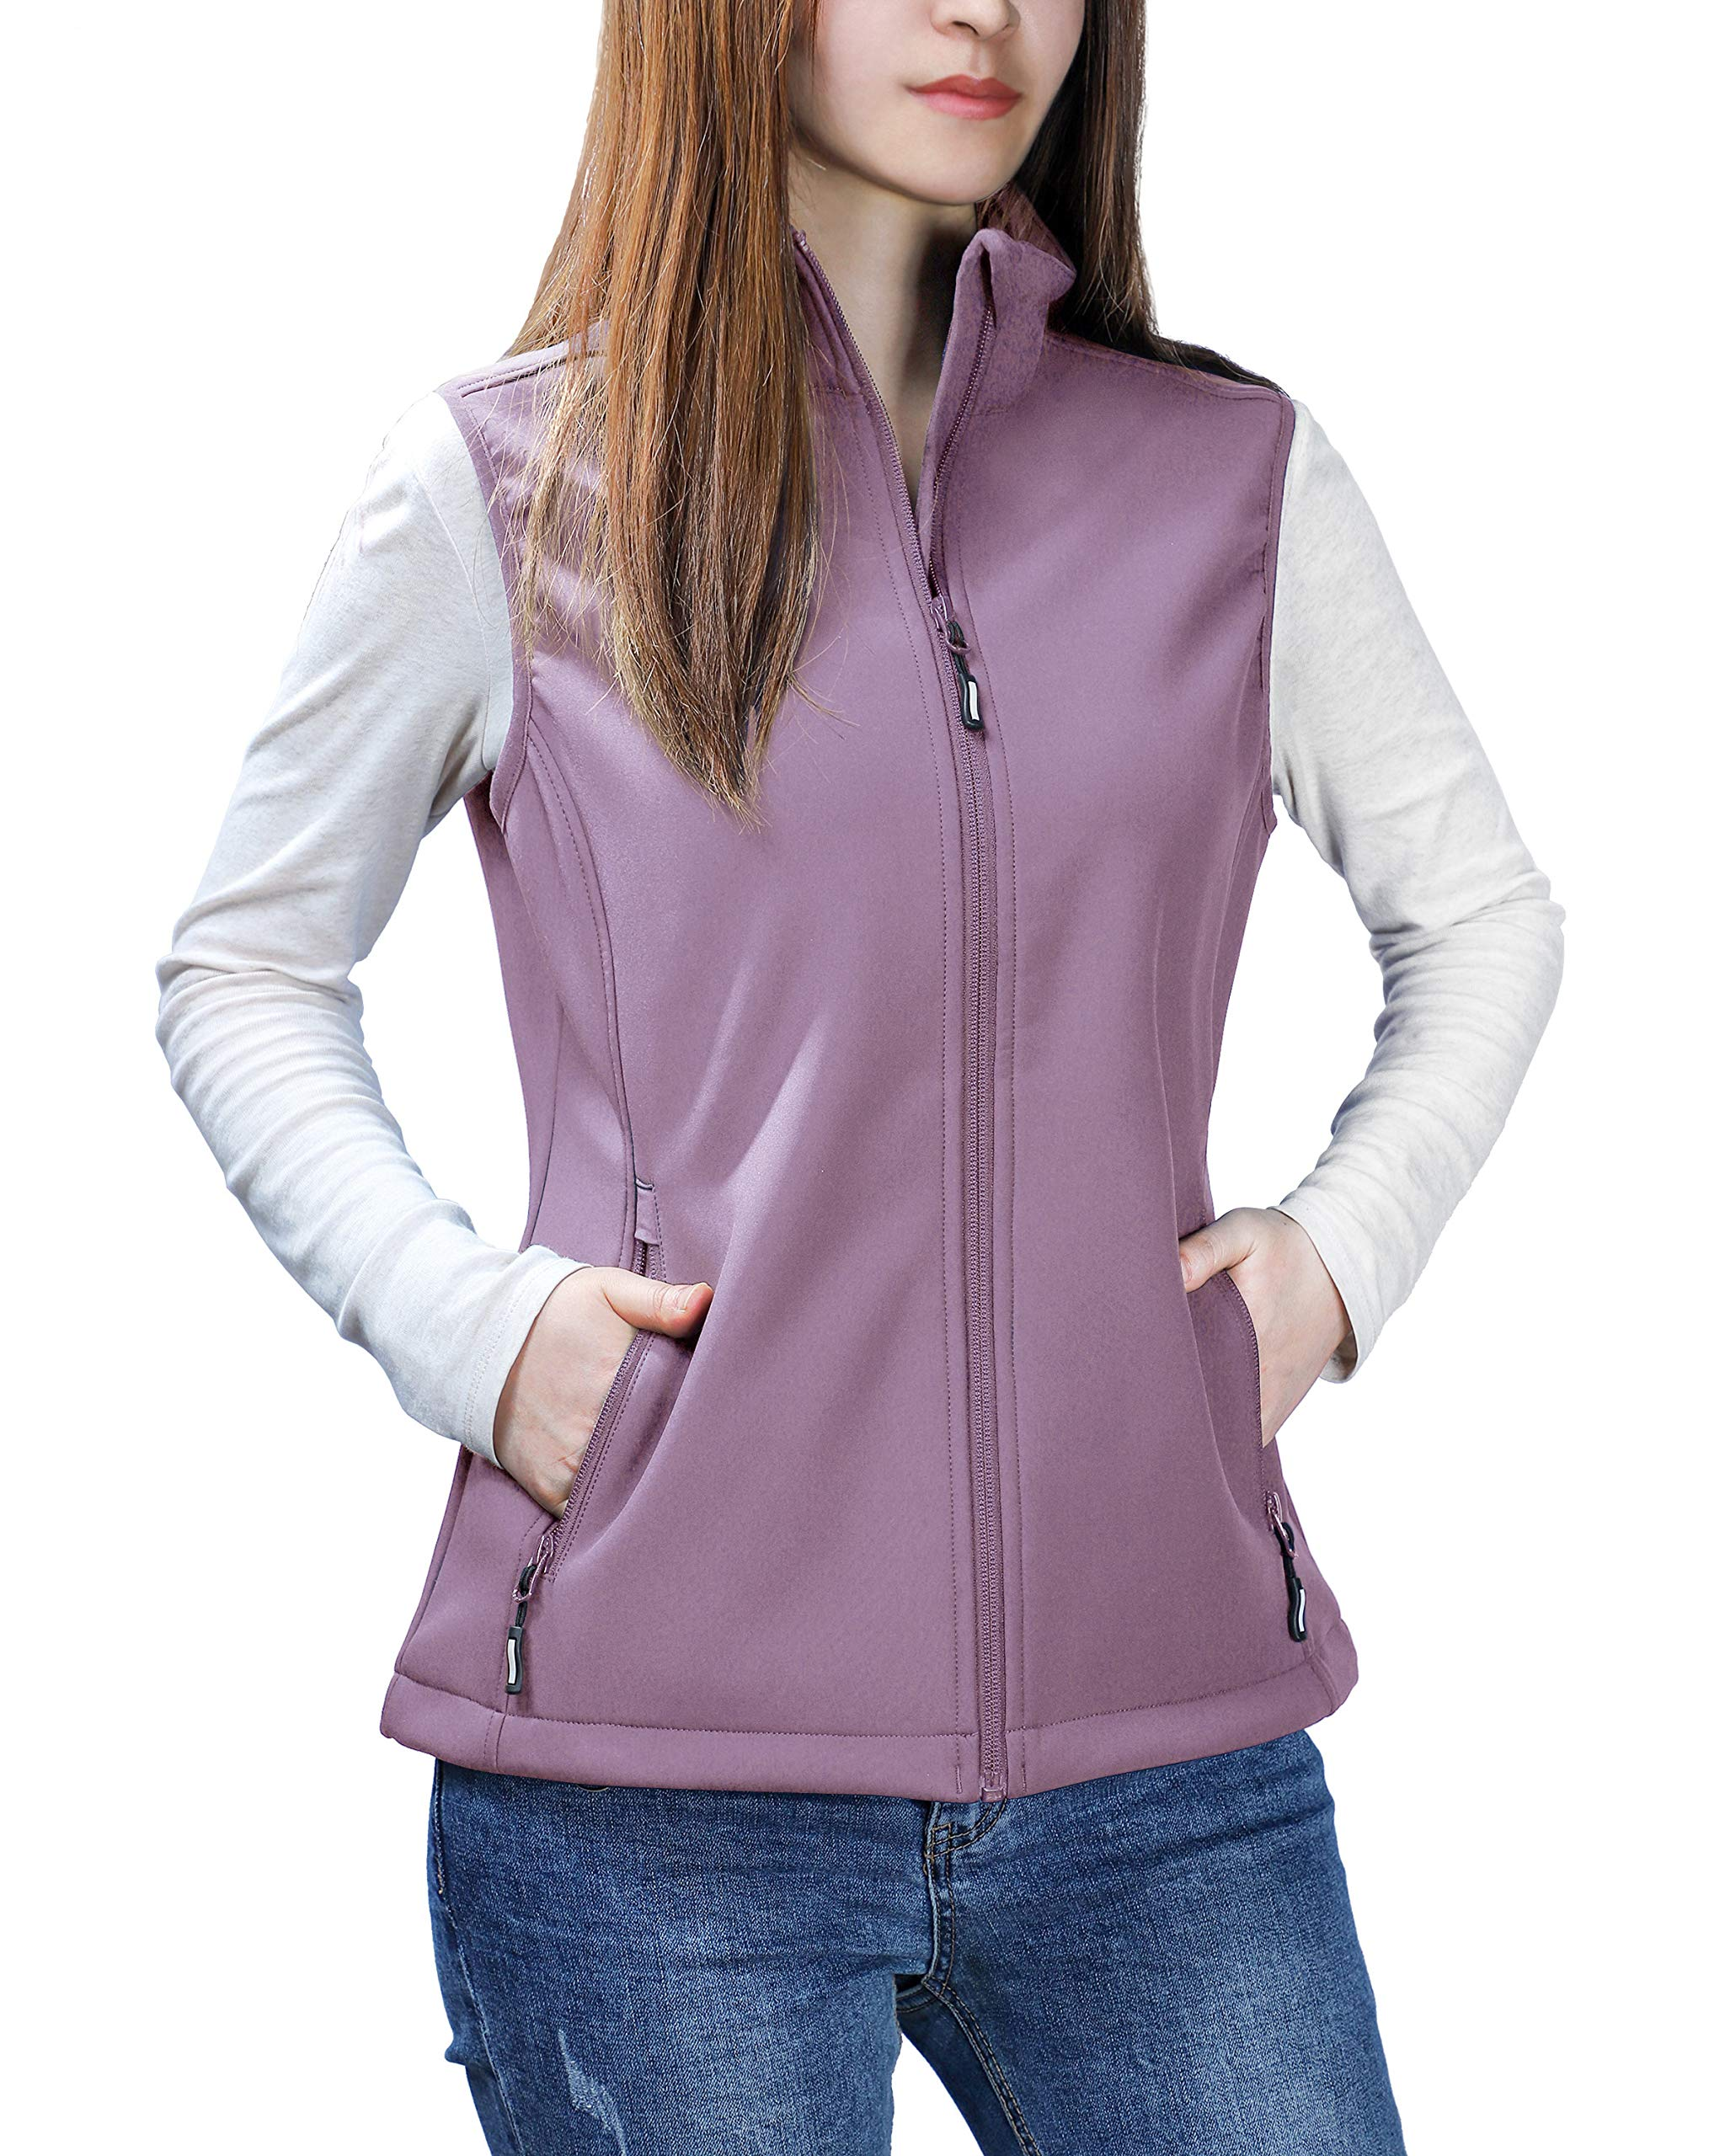 Outdoor Ventures Women's Mia Lightweight Sleeveless Fall Windproof Soft Bonded Fleece Softshell Zip Vest Lilac Purple by Outdoor Ventures